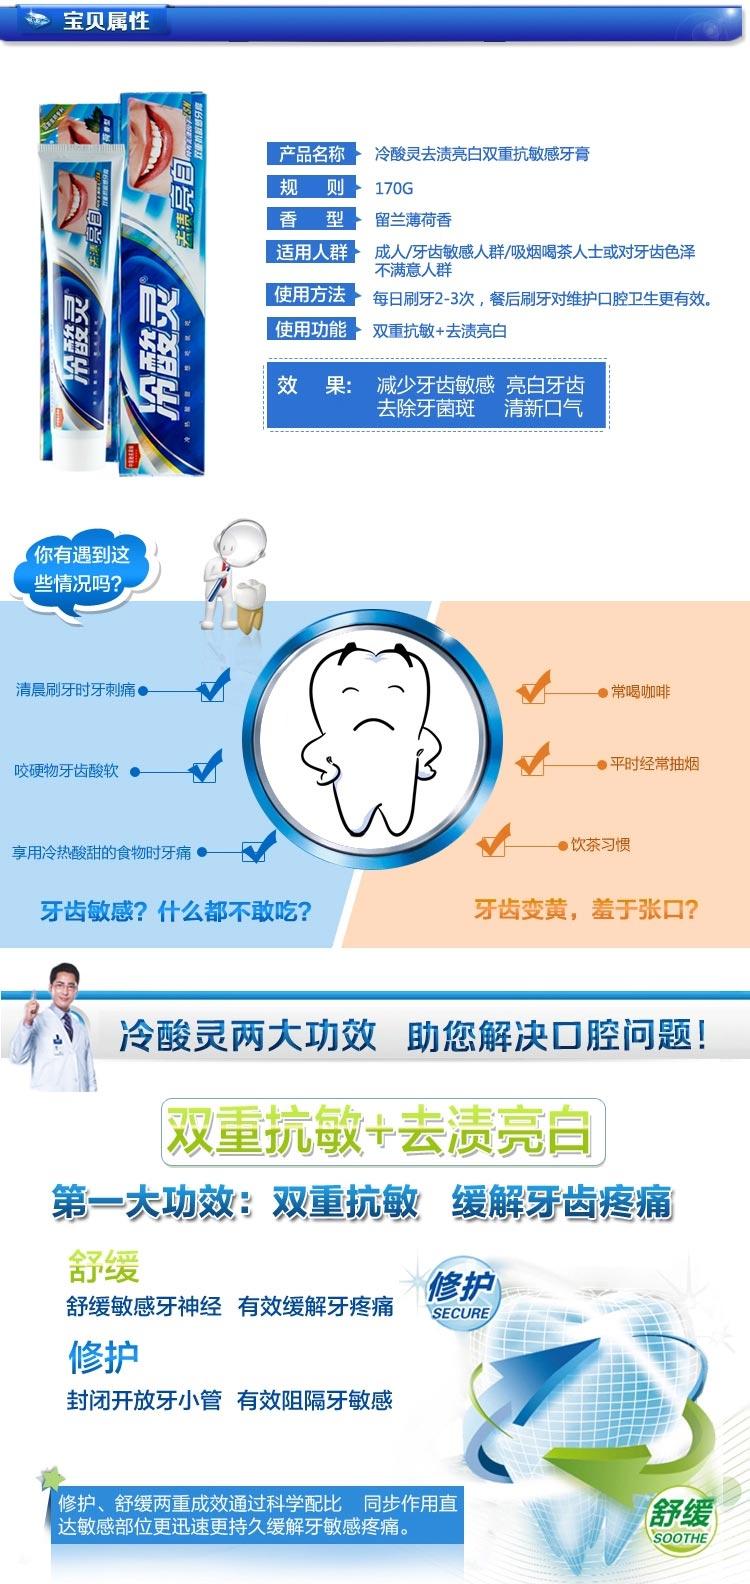 冷酸灵去渍亮白牙膏,170g(冰爽薄荷型),清新口气 减少牙龈问题